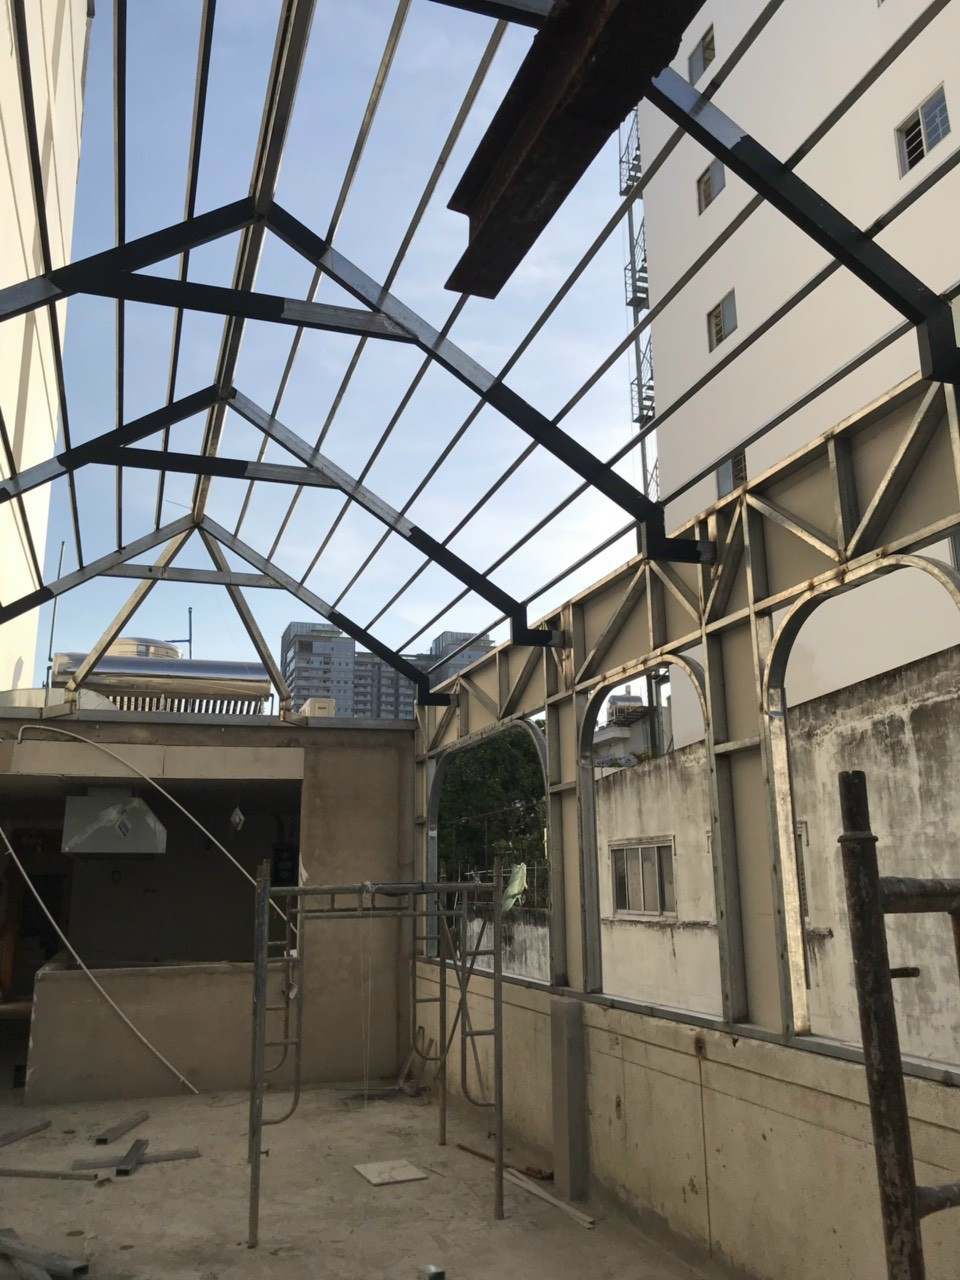 thợ sửa mái tôn tại quận Bình Thạnh - Dịch vụ sửa chữa mái tôn tại tphcm - 036.811.5251